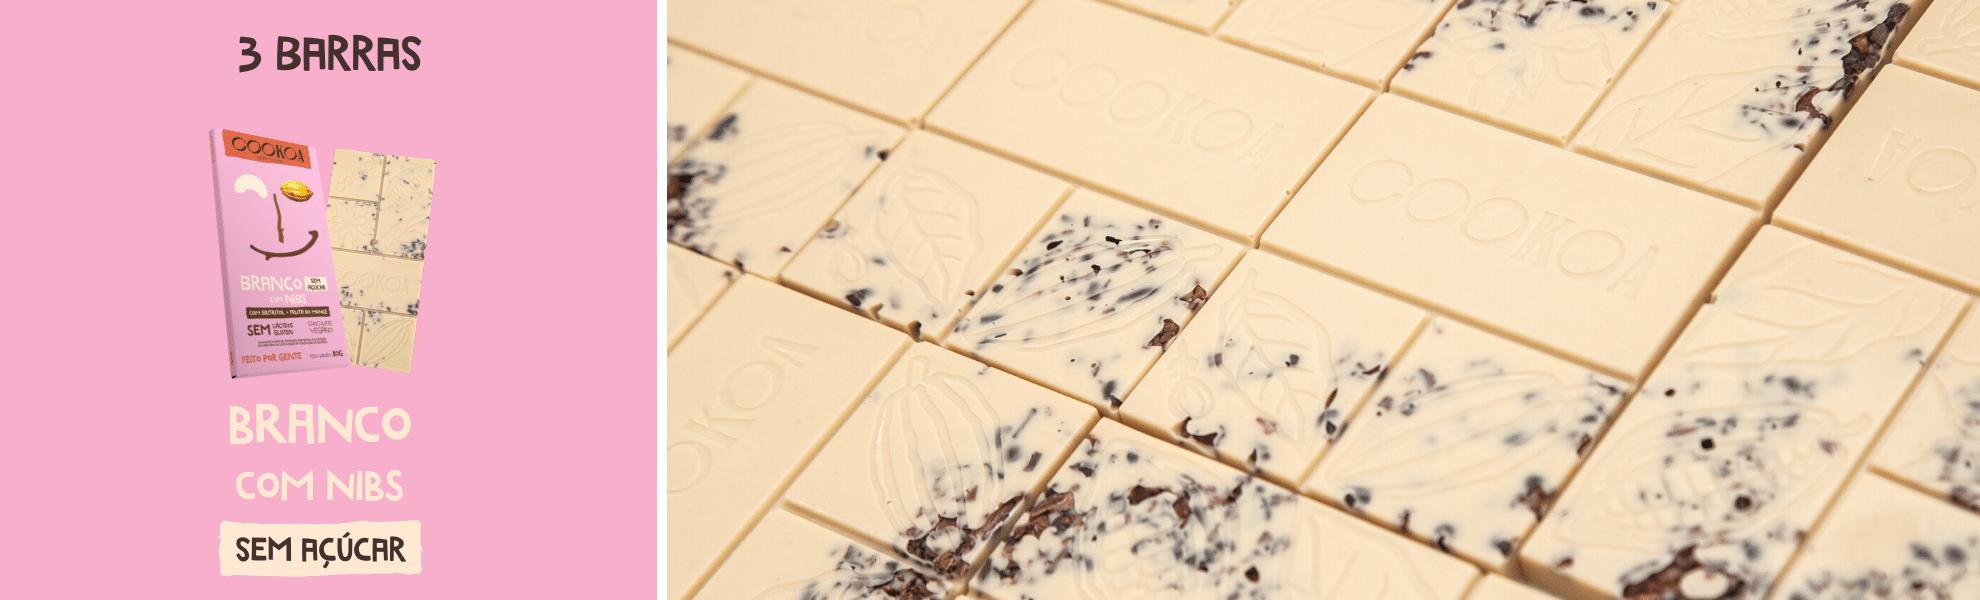 cookoa branco com nibs sem acucar